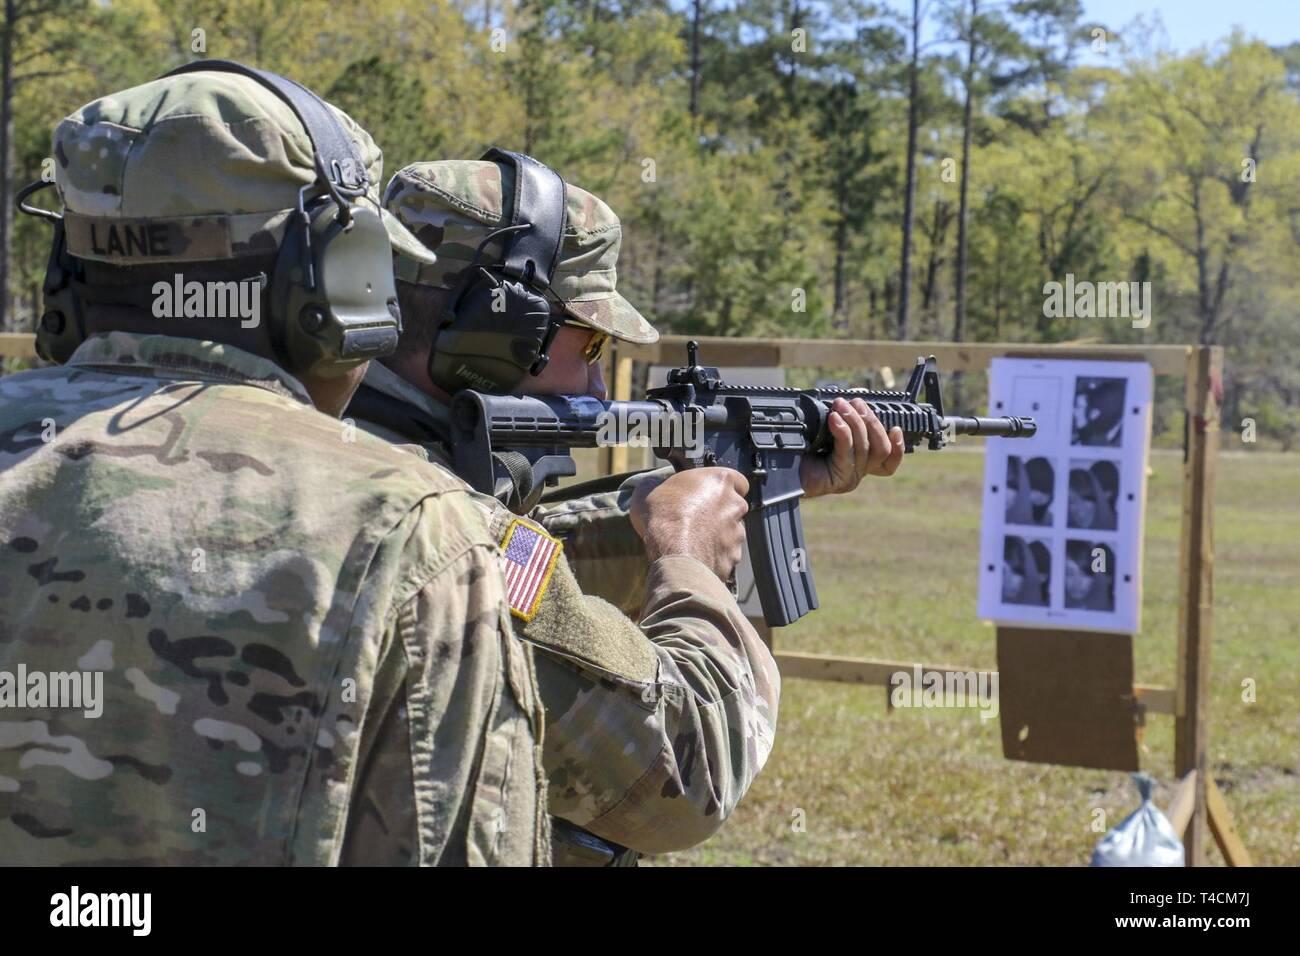 Georgia Army National Guardsman, Sgt  Darius Lane, representing the